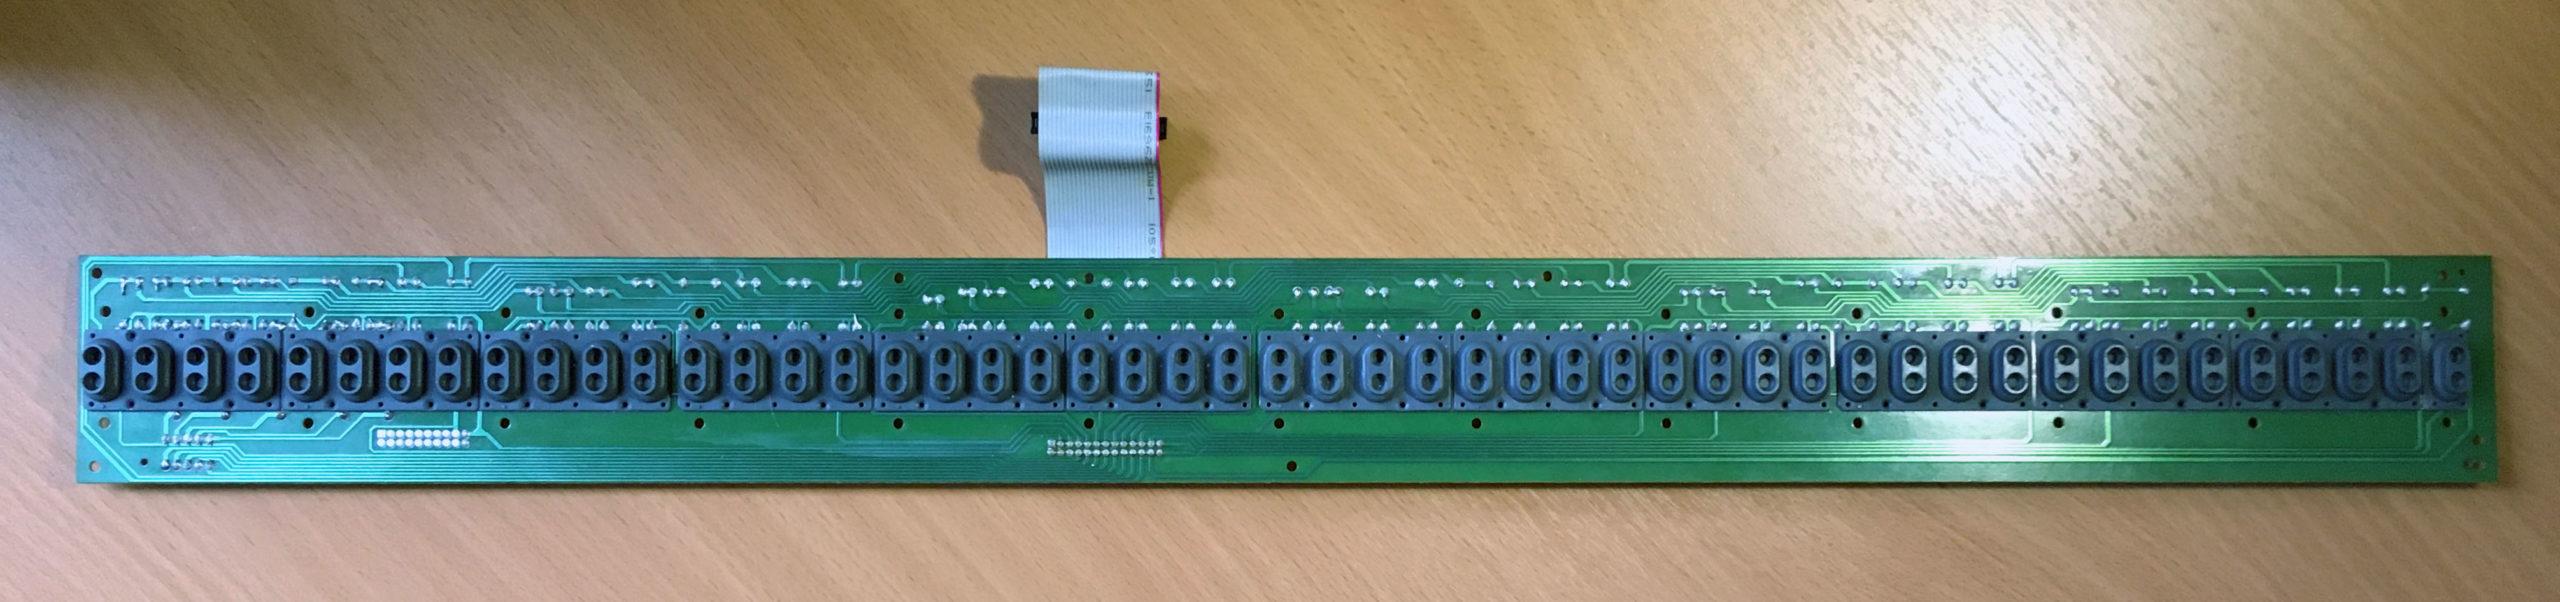 Резинки midi клавиатуры (Что делать если не работают несколько клавиш на midi клавиатуре)